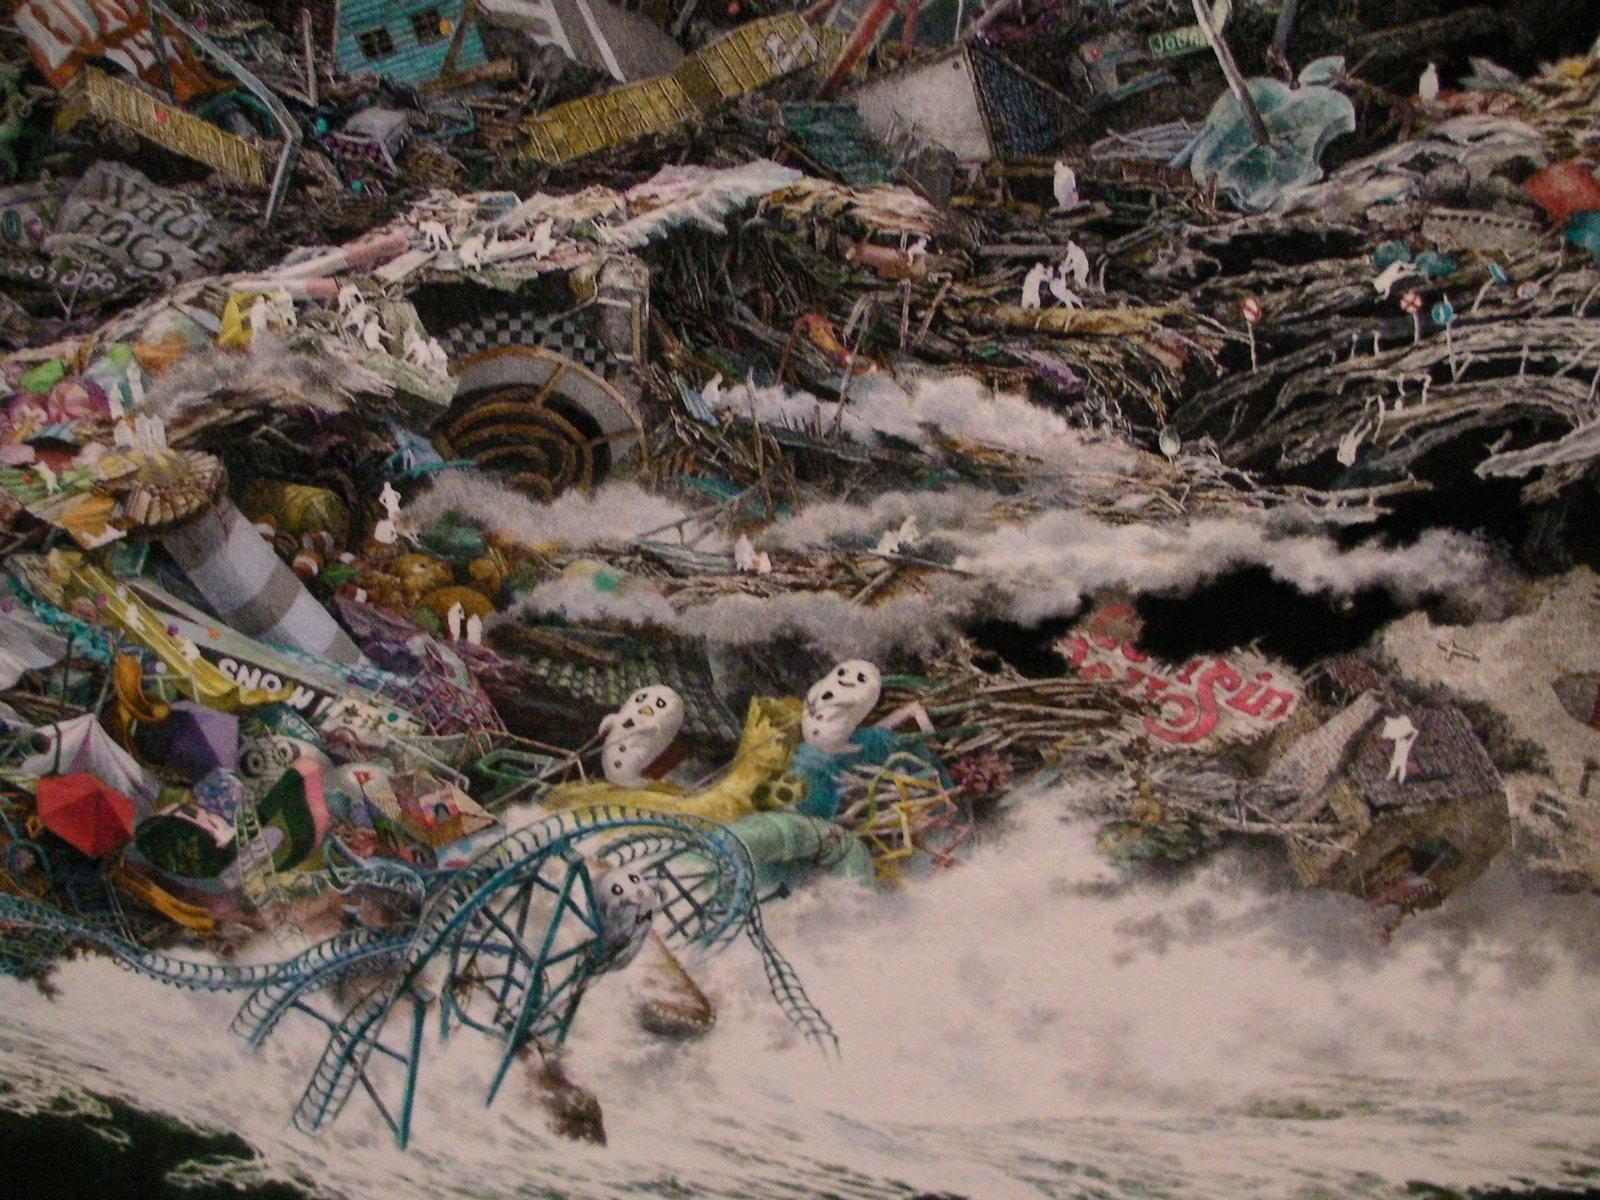 《誕生》 (部分) 2013-2016 / 紙にペン、インク、透明水彩 / 300 × 400 cm 佐賀県立美術館蔵 ©IKEDA Manabu, Courtesy Mizuma Art Gallery, Tokyo / Singapore